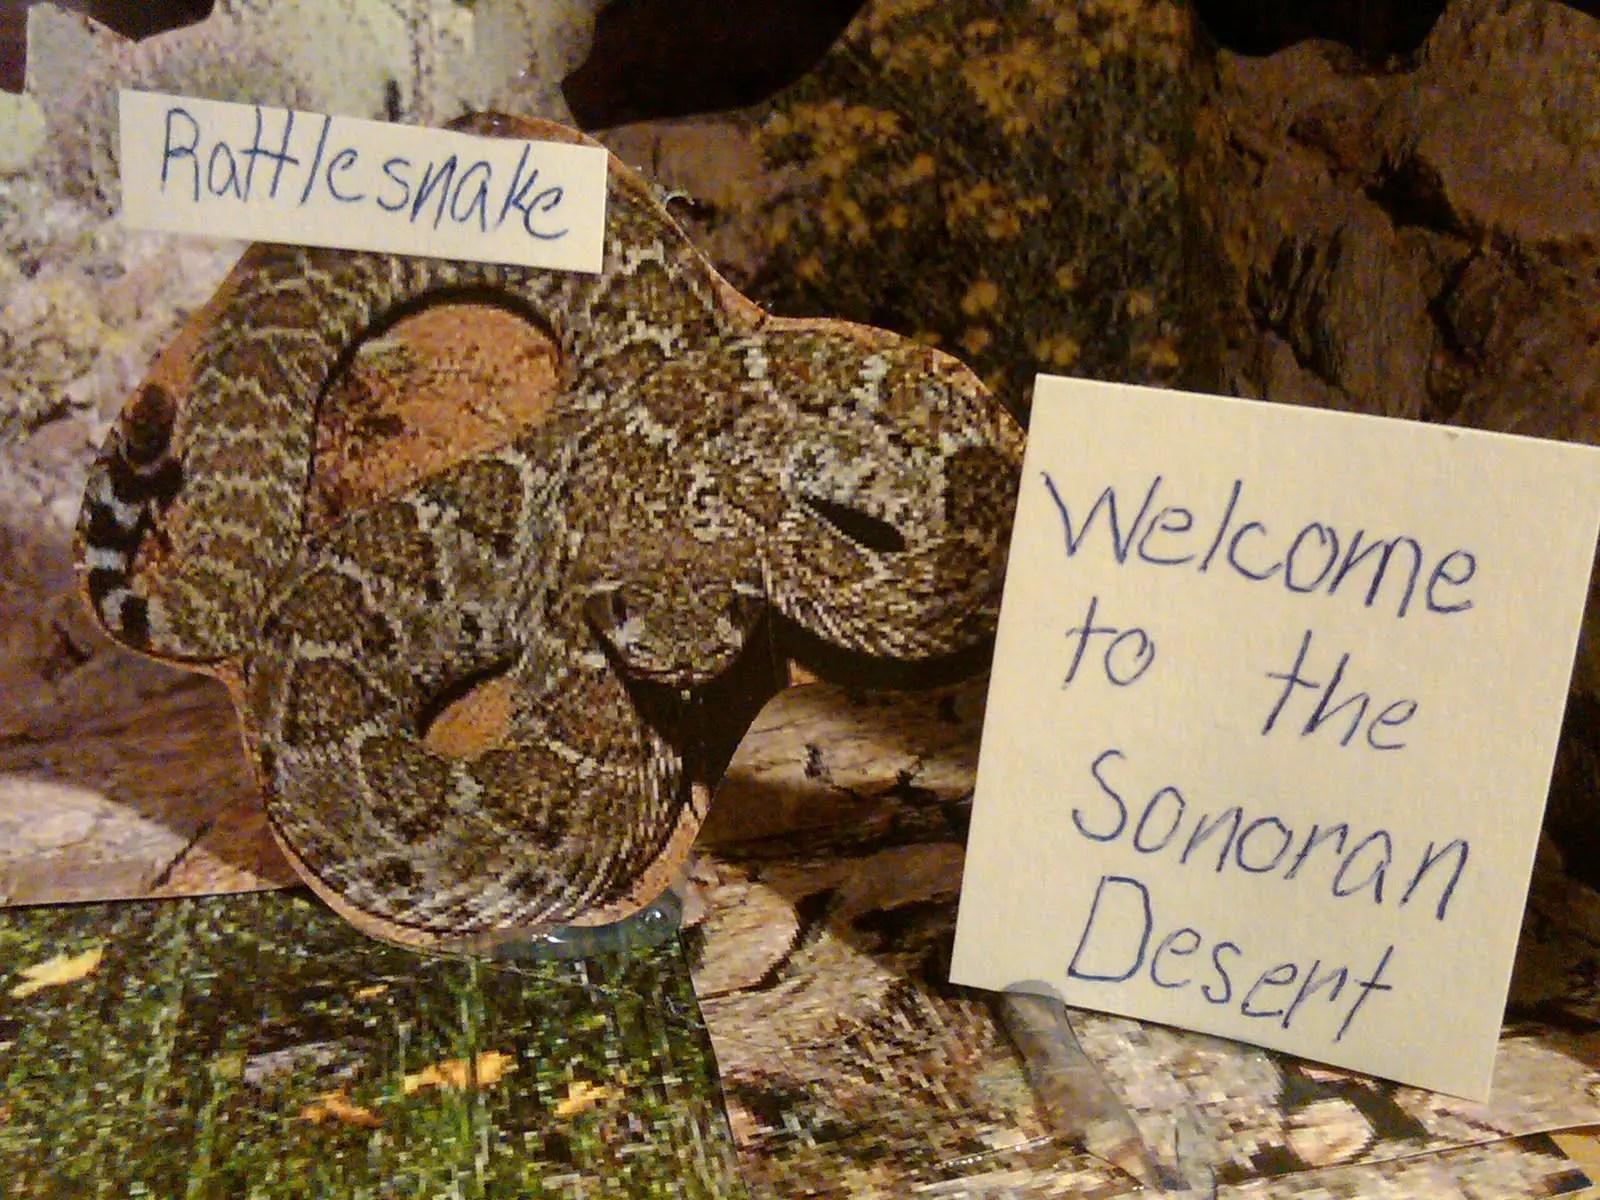 Rattlesnakes In The Sonoran Desert